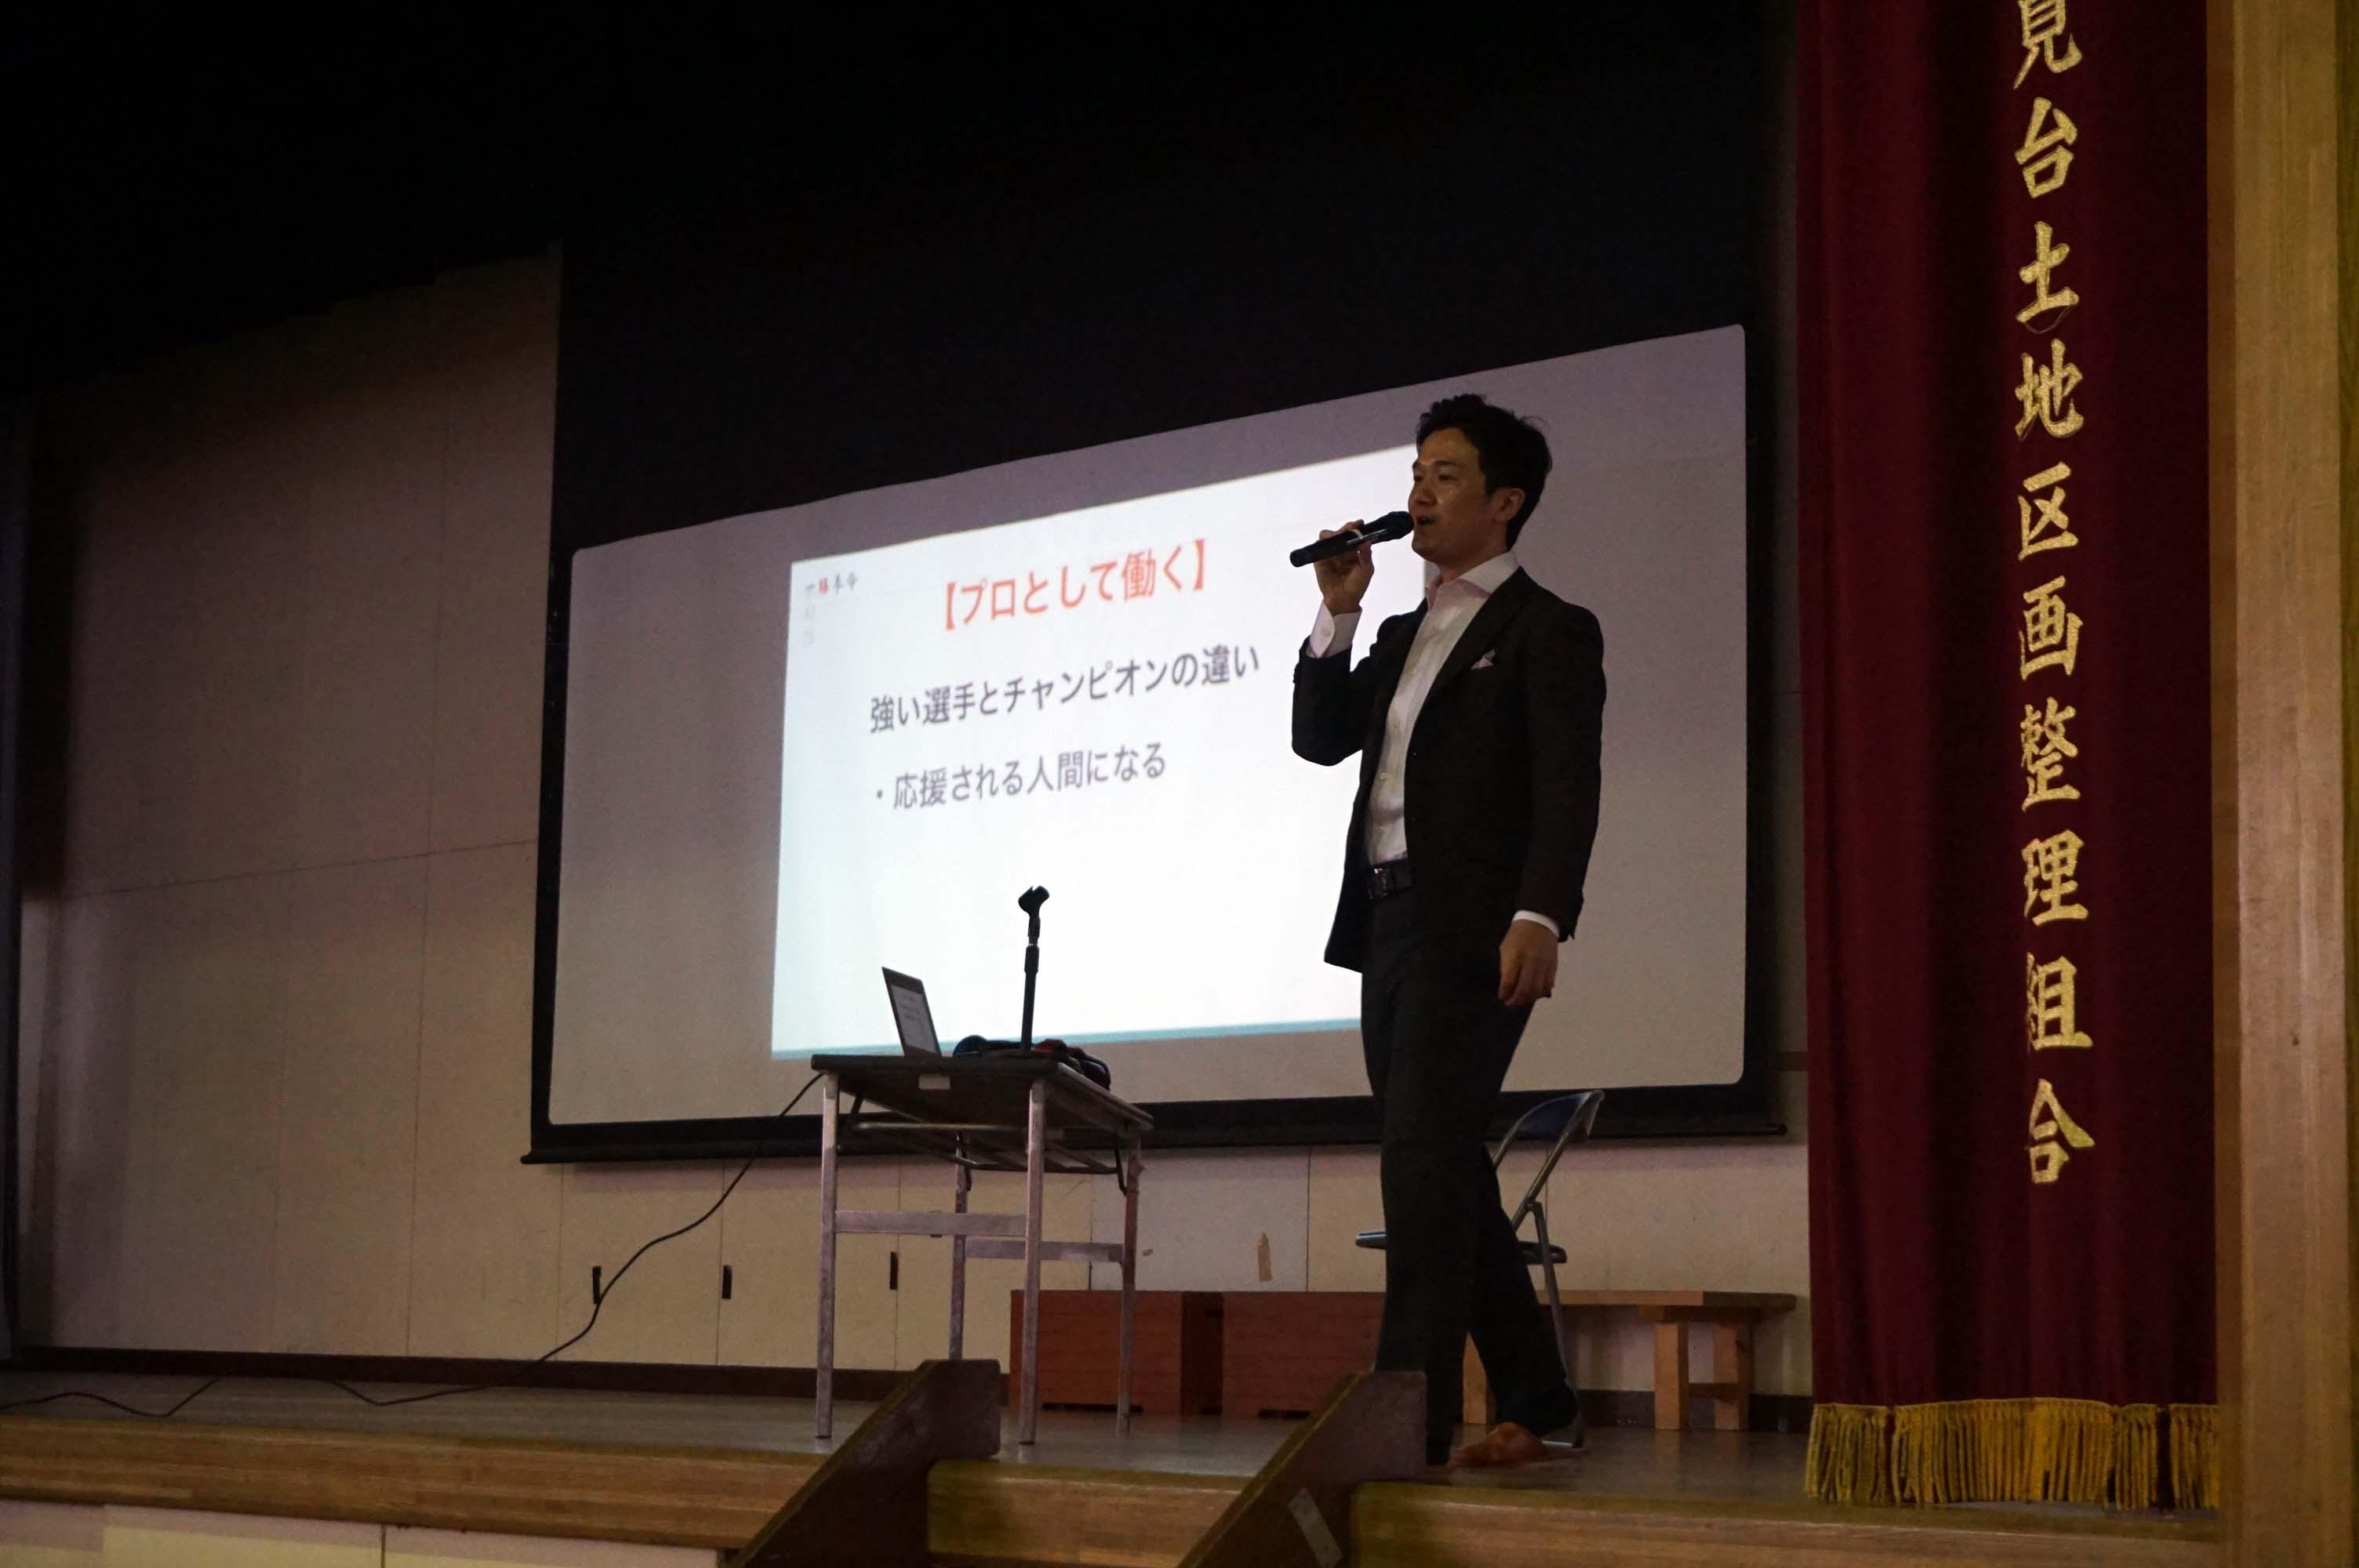 「商社マンボクサー」木村悠氏が中学校で講演